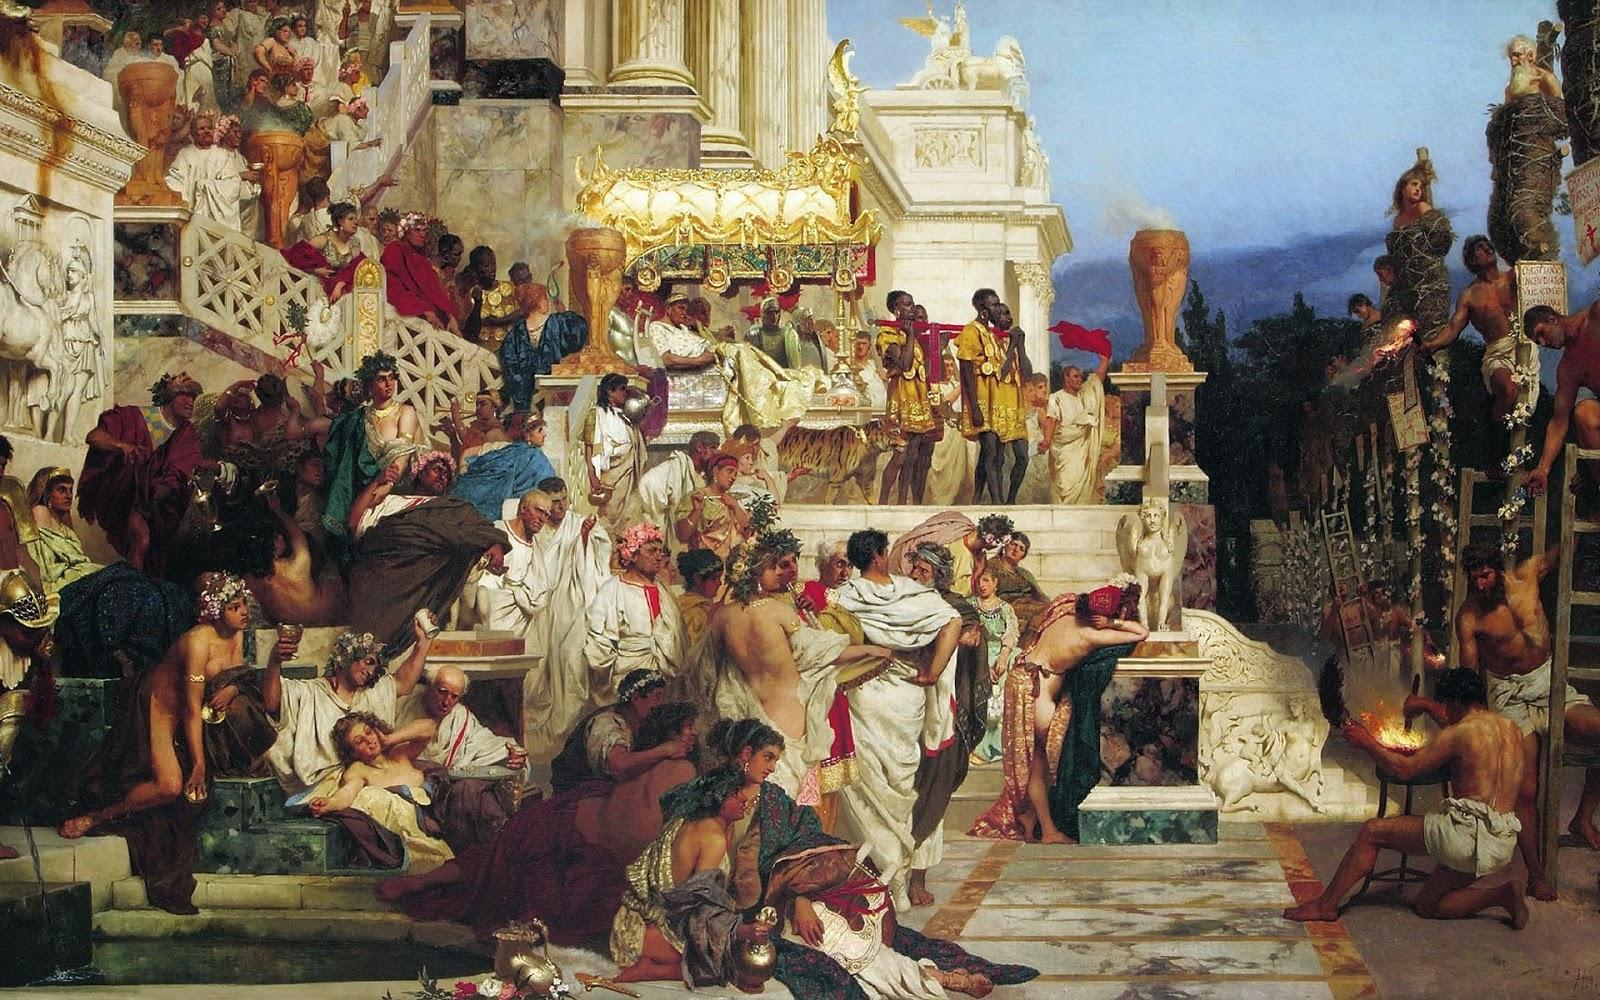 Οι Έλληνες λίγα πράγματα σέβονται και σπάνια όλοι τους τα ίδια. Αχ, αυτοί οι Έλληνες!